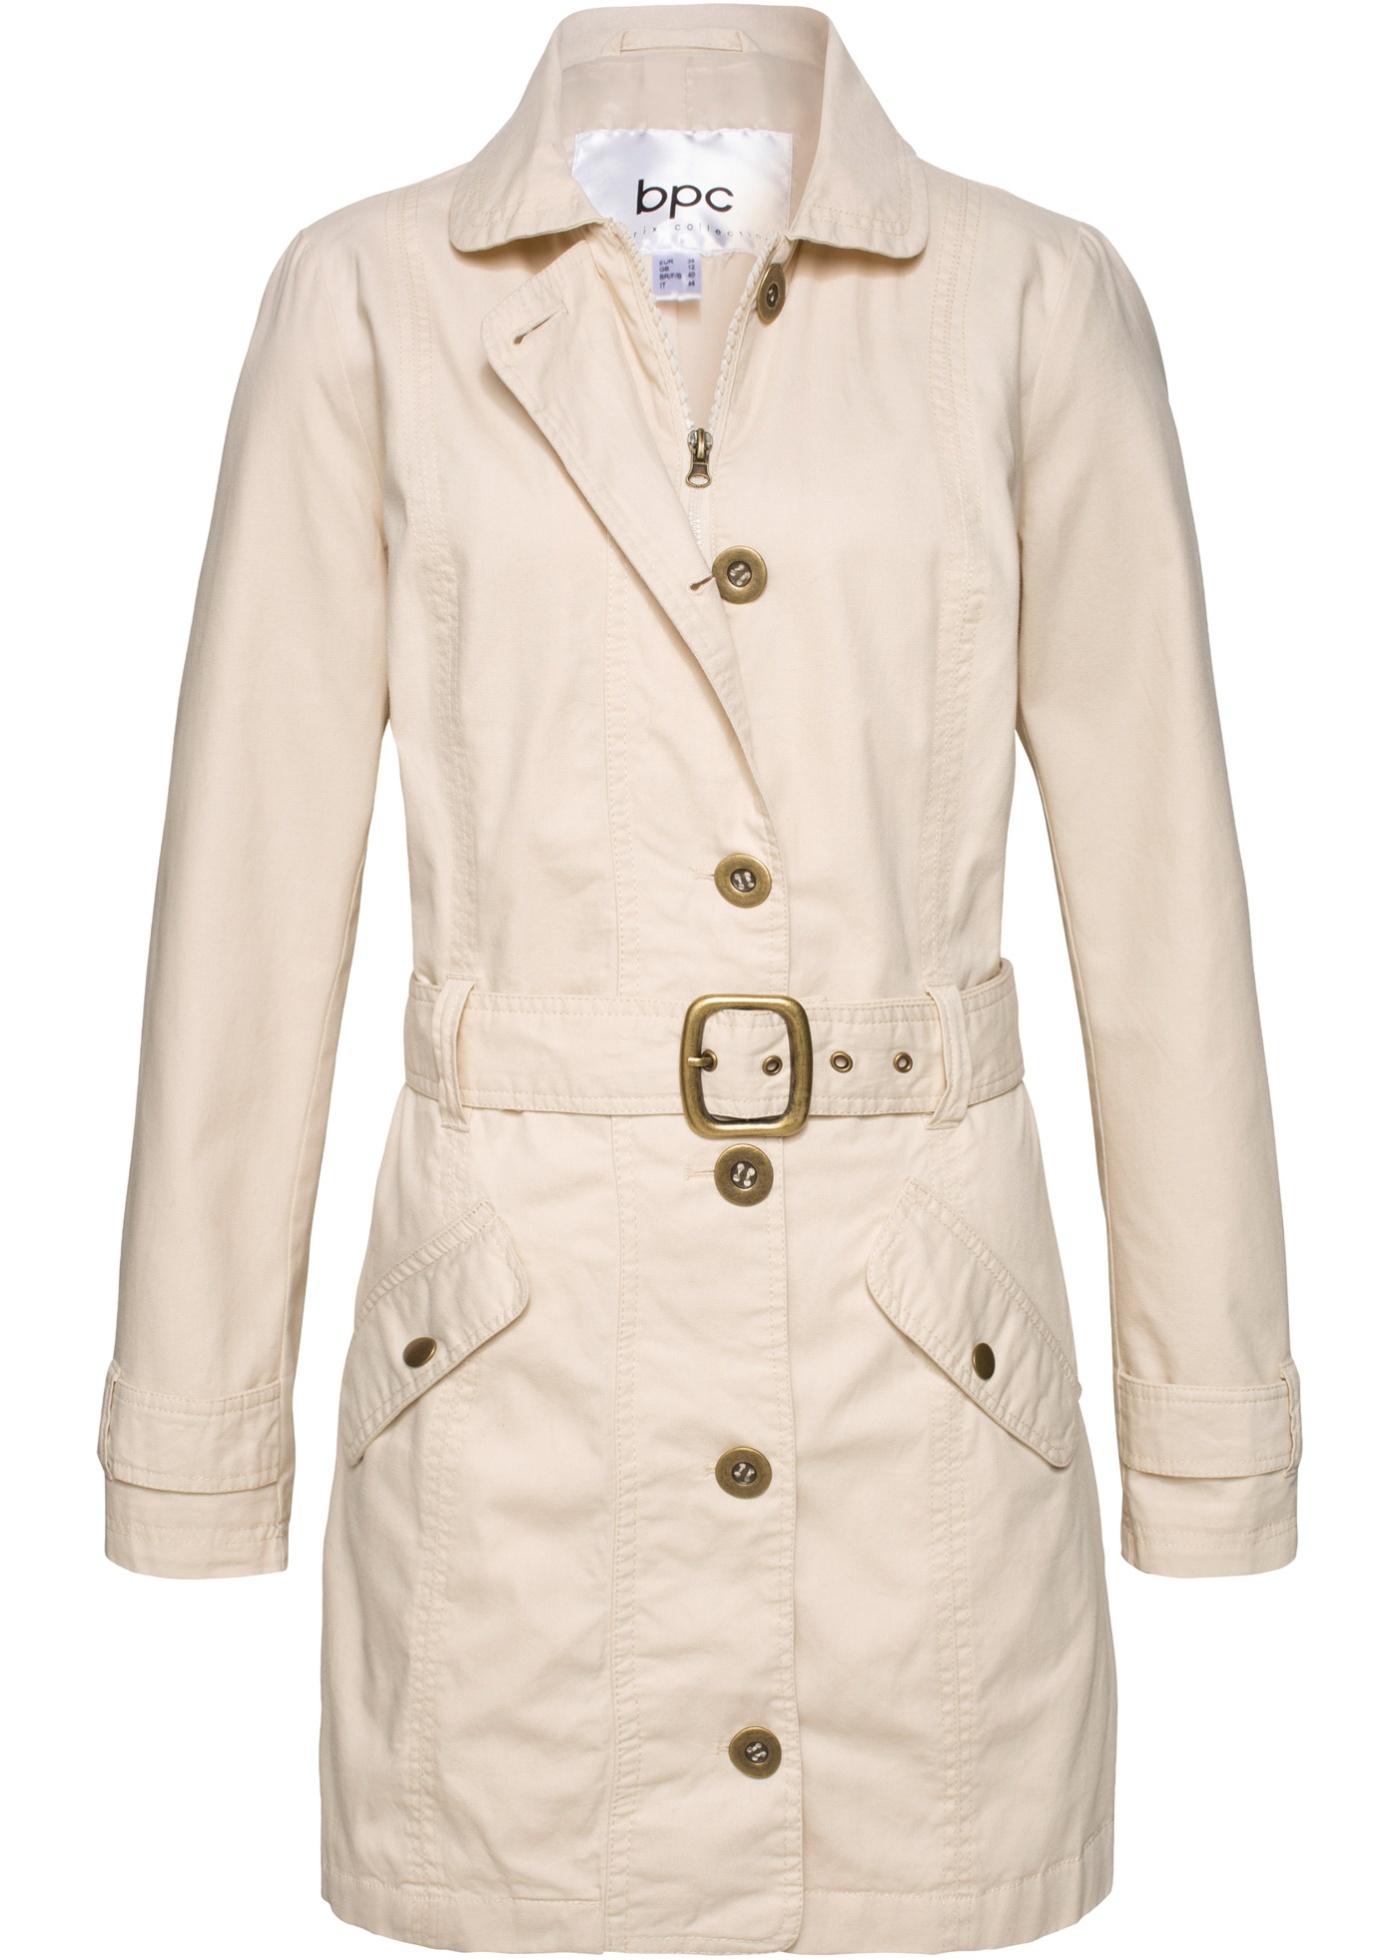 coat CollectionTrench Manches Bonprix Longues Bpc Gris Pour Femme nON0wPk8X